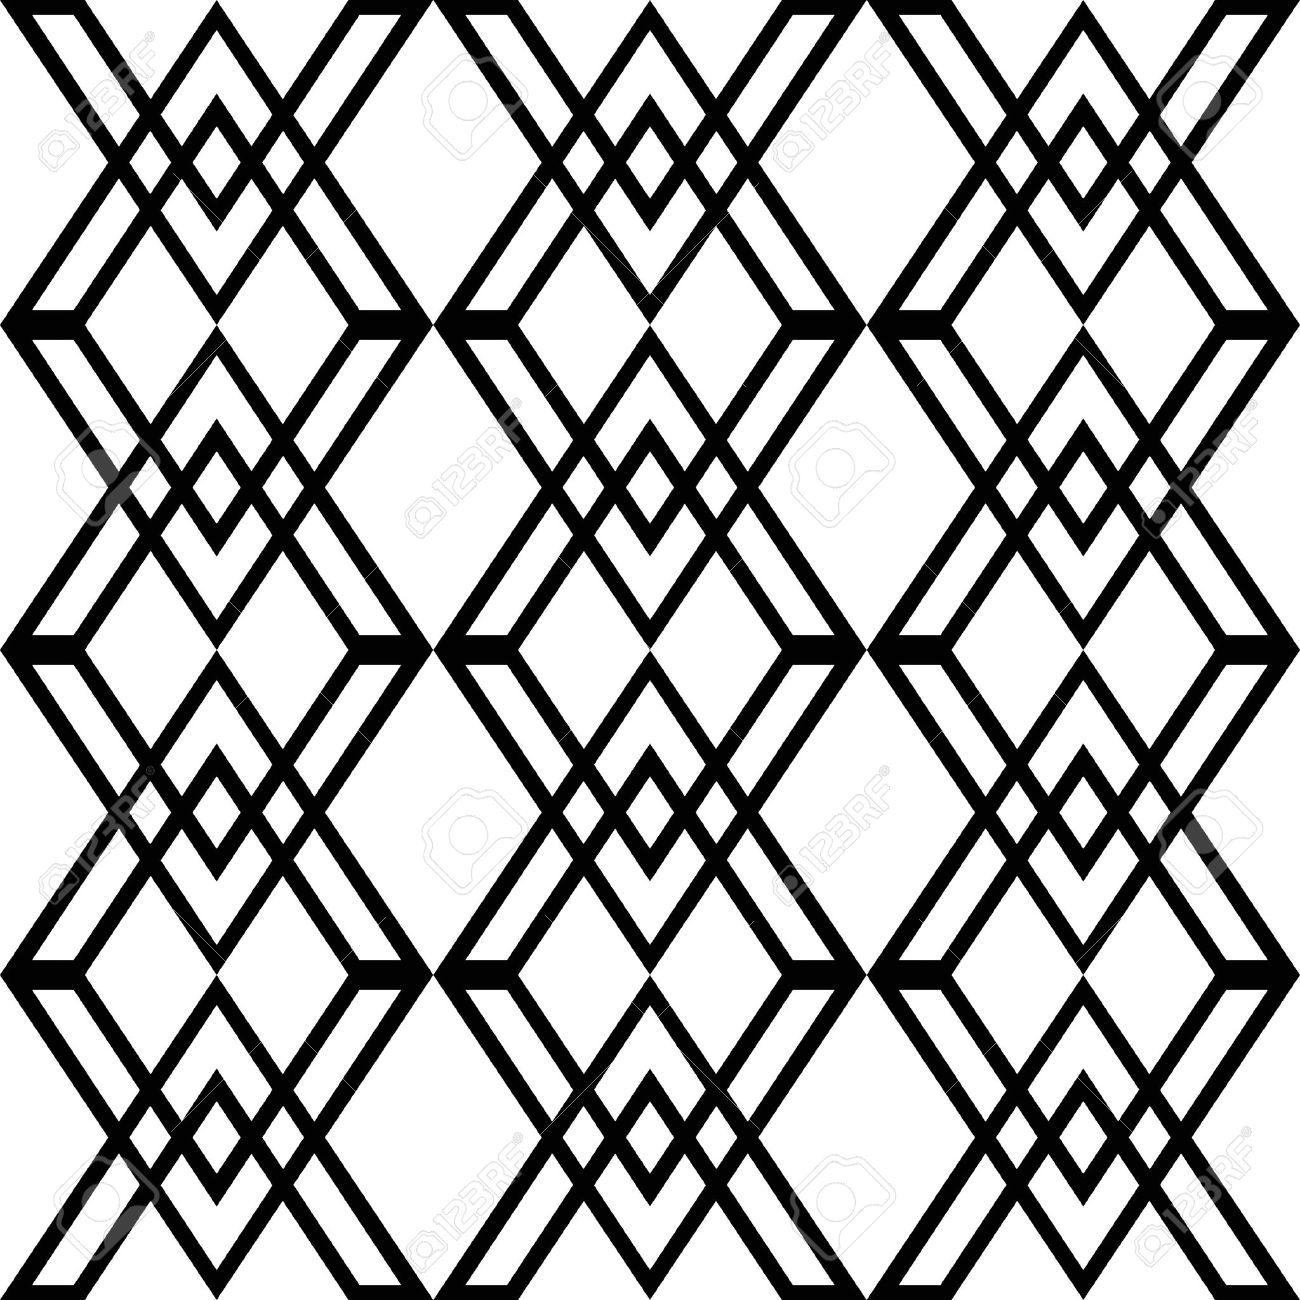 Resumen De Antecedentes De Los Patrones Geométricos De La Moda Sin ...